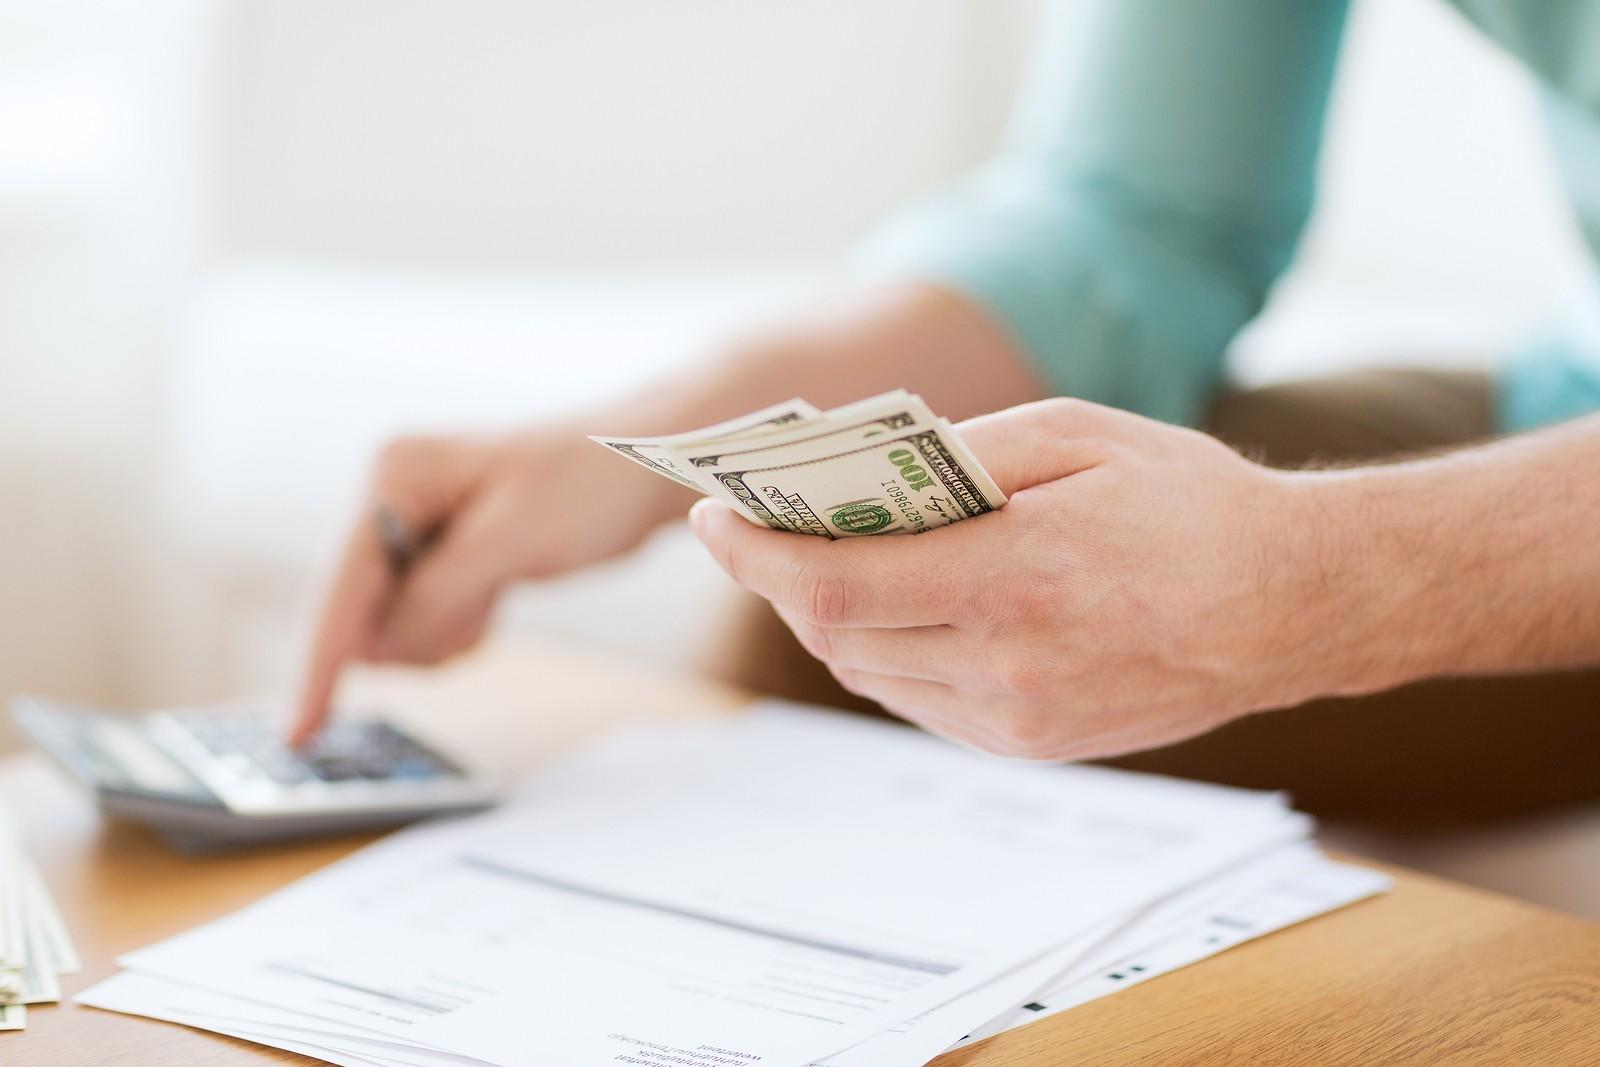 کاهش هزینههای سربار و دستیابی به کسبوکار موفق خانگی | پرگاس